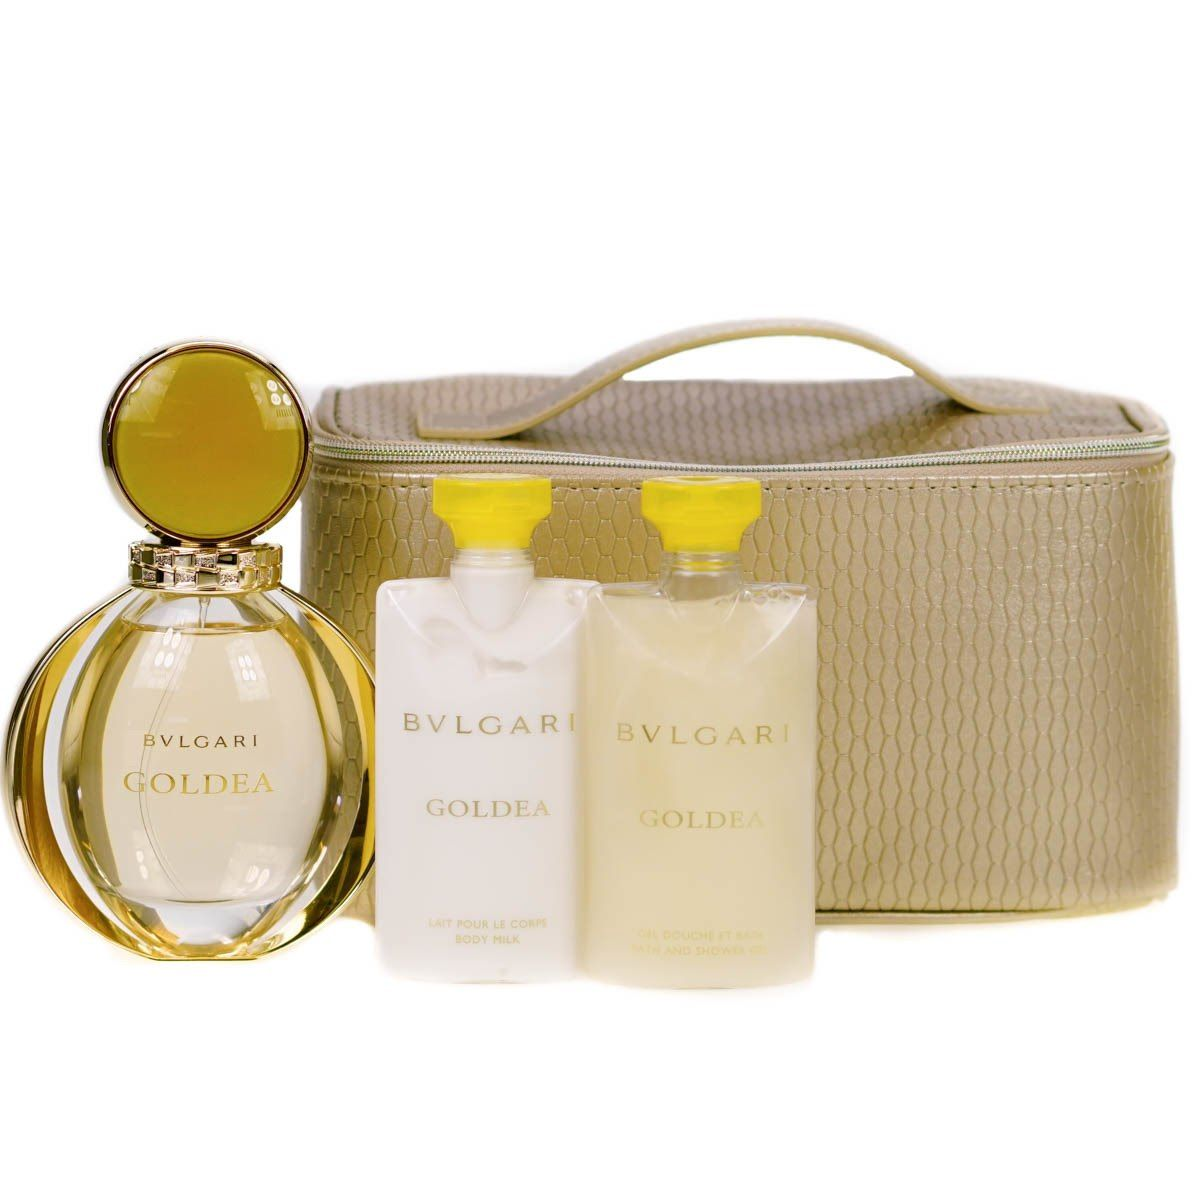 Bvlgari Goldea Eau de Parfum Gift Set